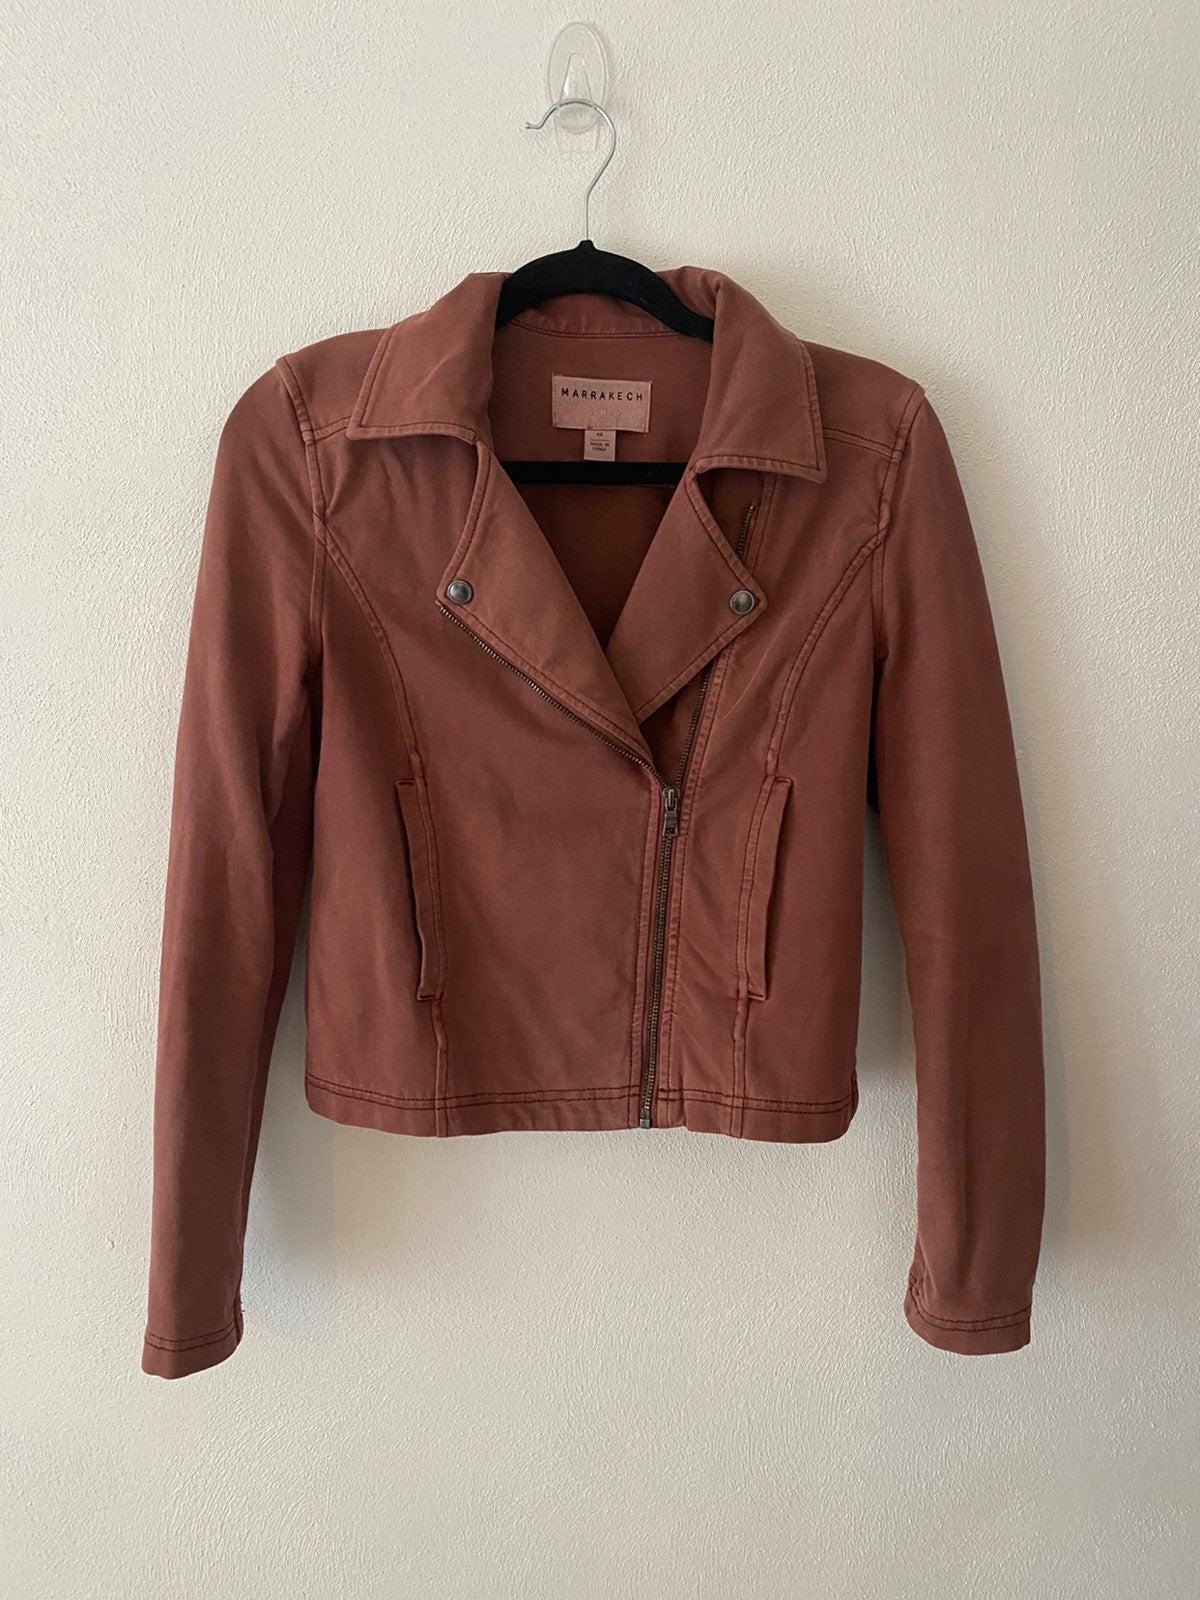 Marrakech jacket xs